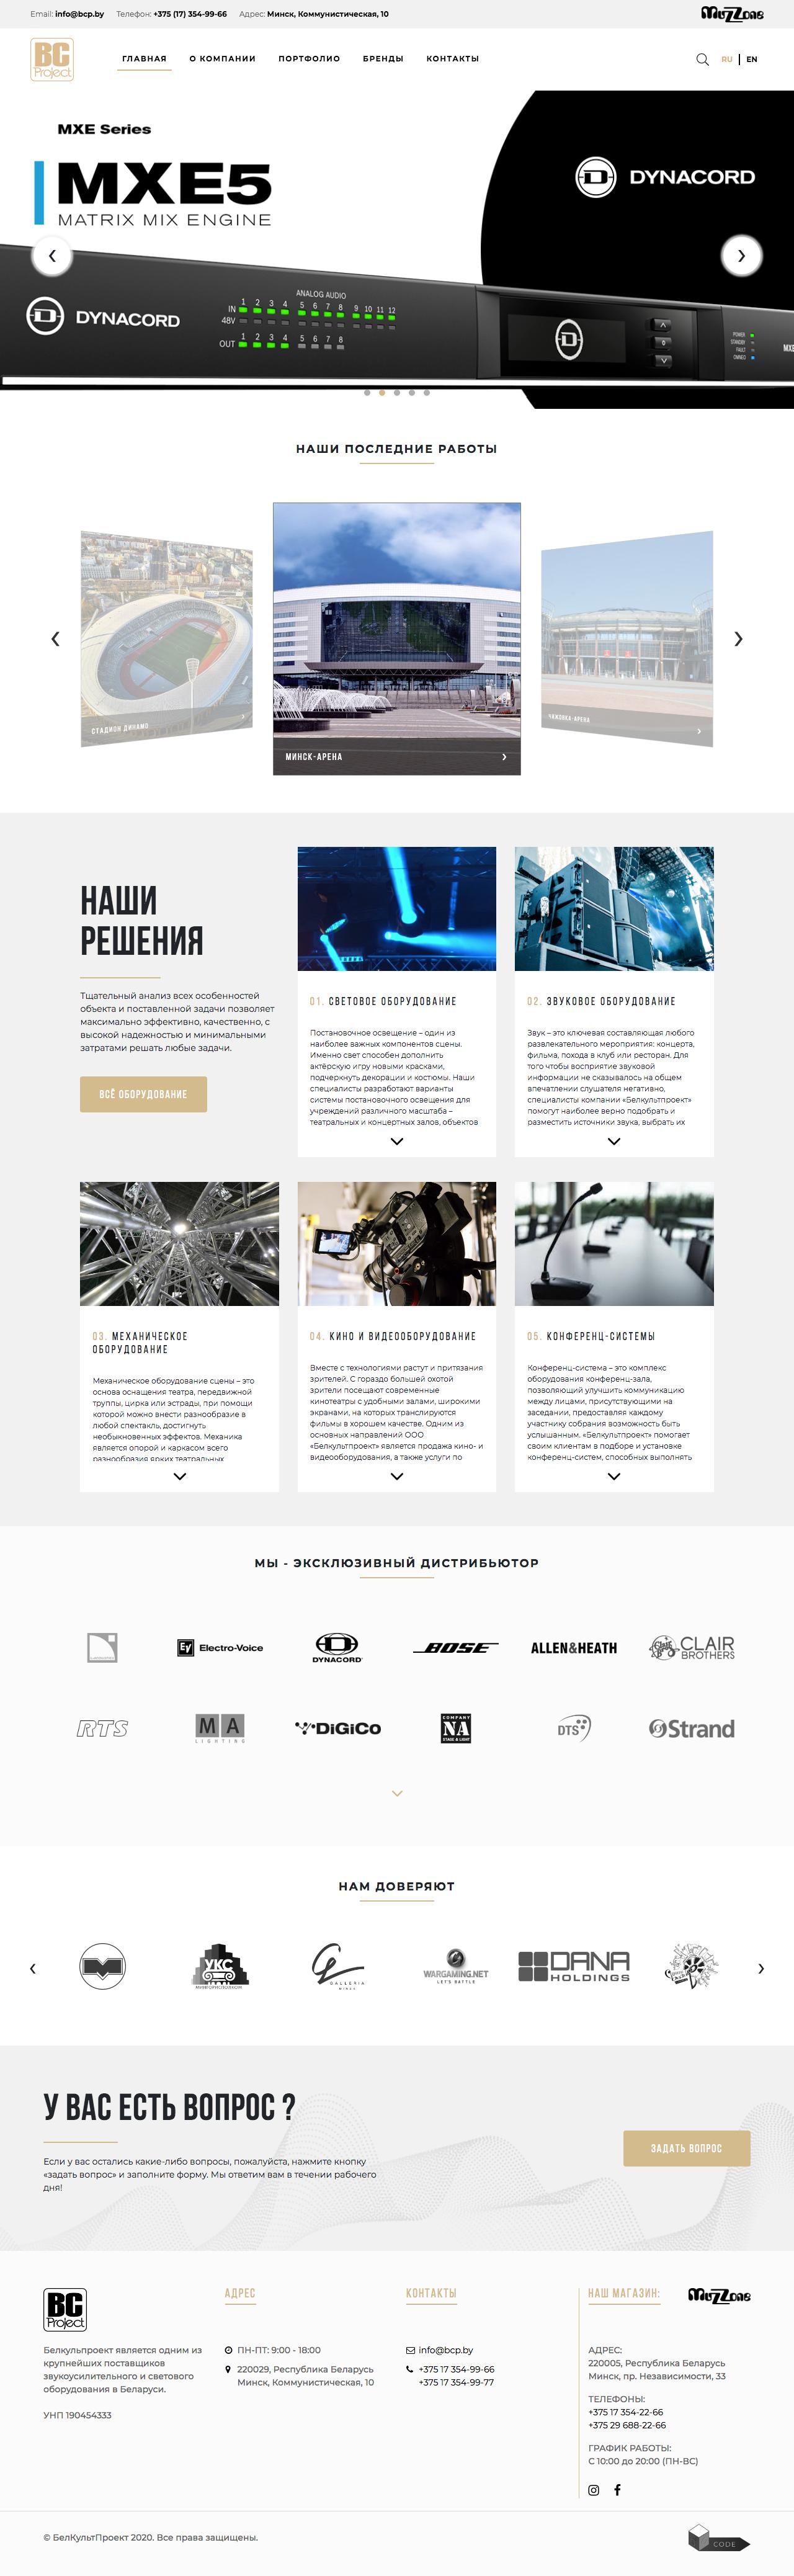 Белкультпроект - разработка сайта DoCode DEV